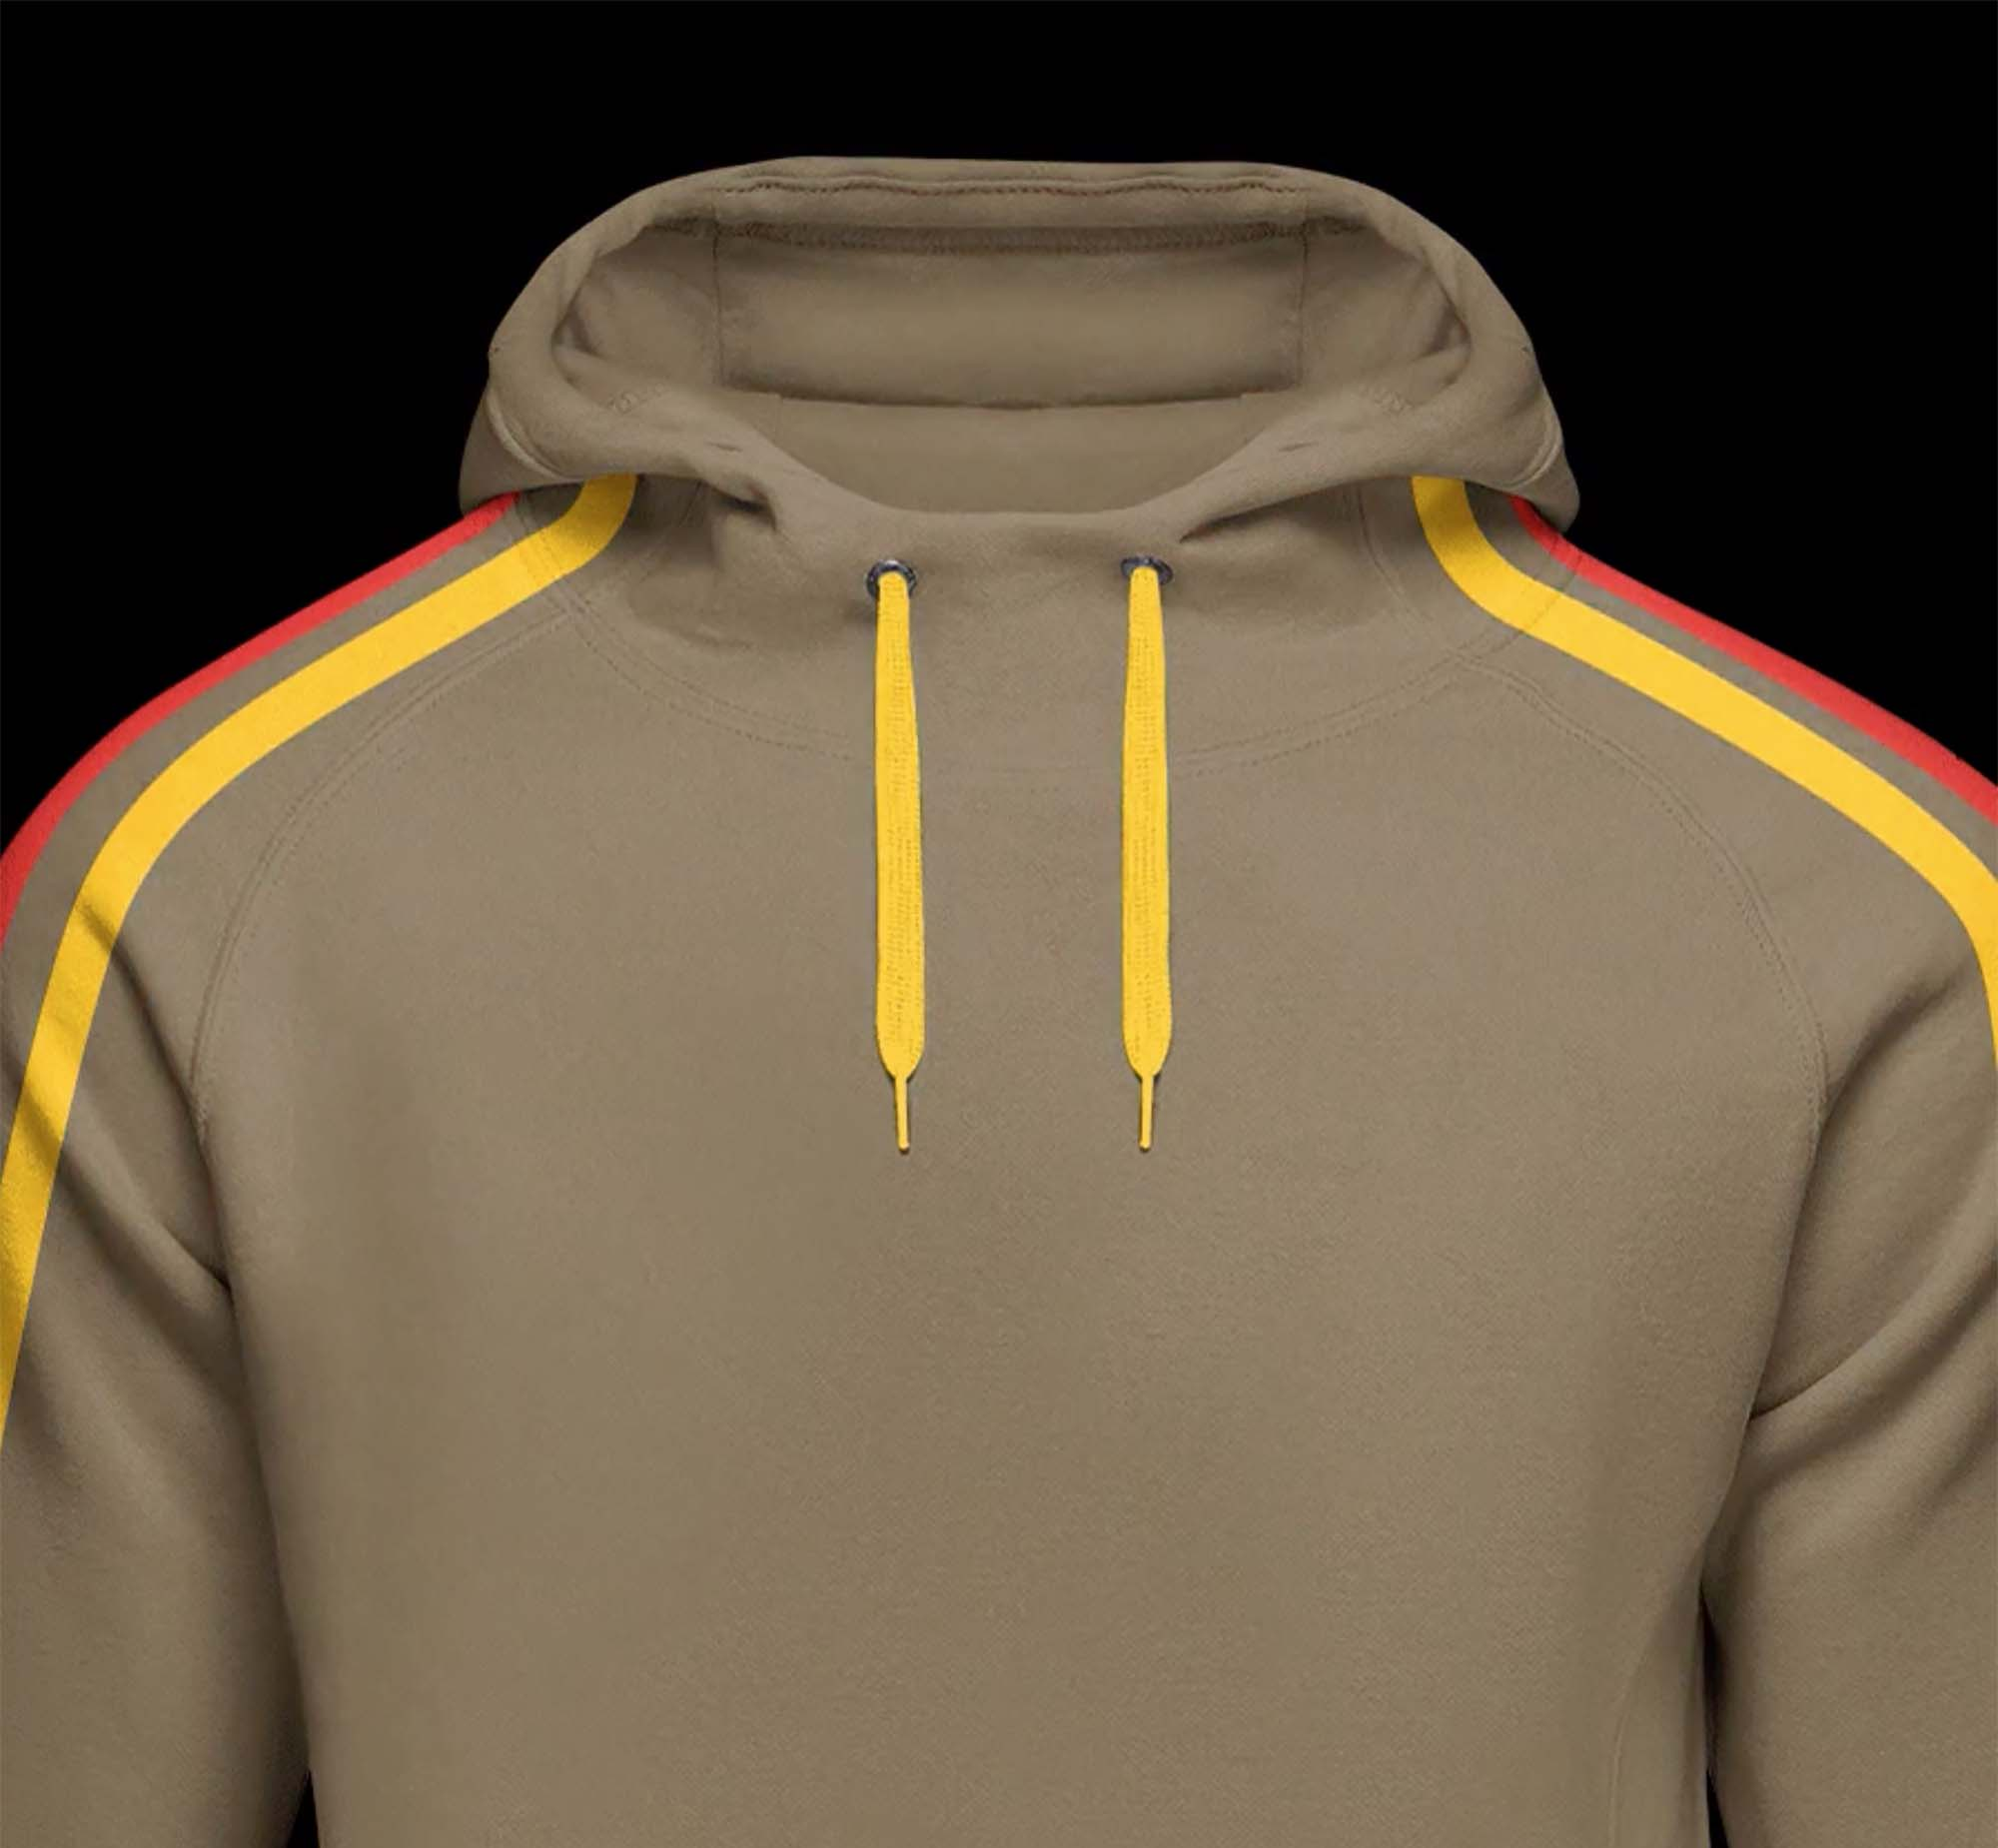 Hoodie Sweatshirt Mockup 2